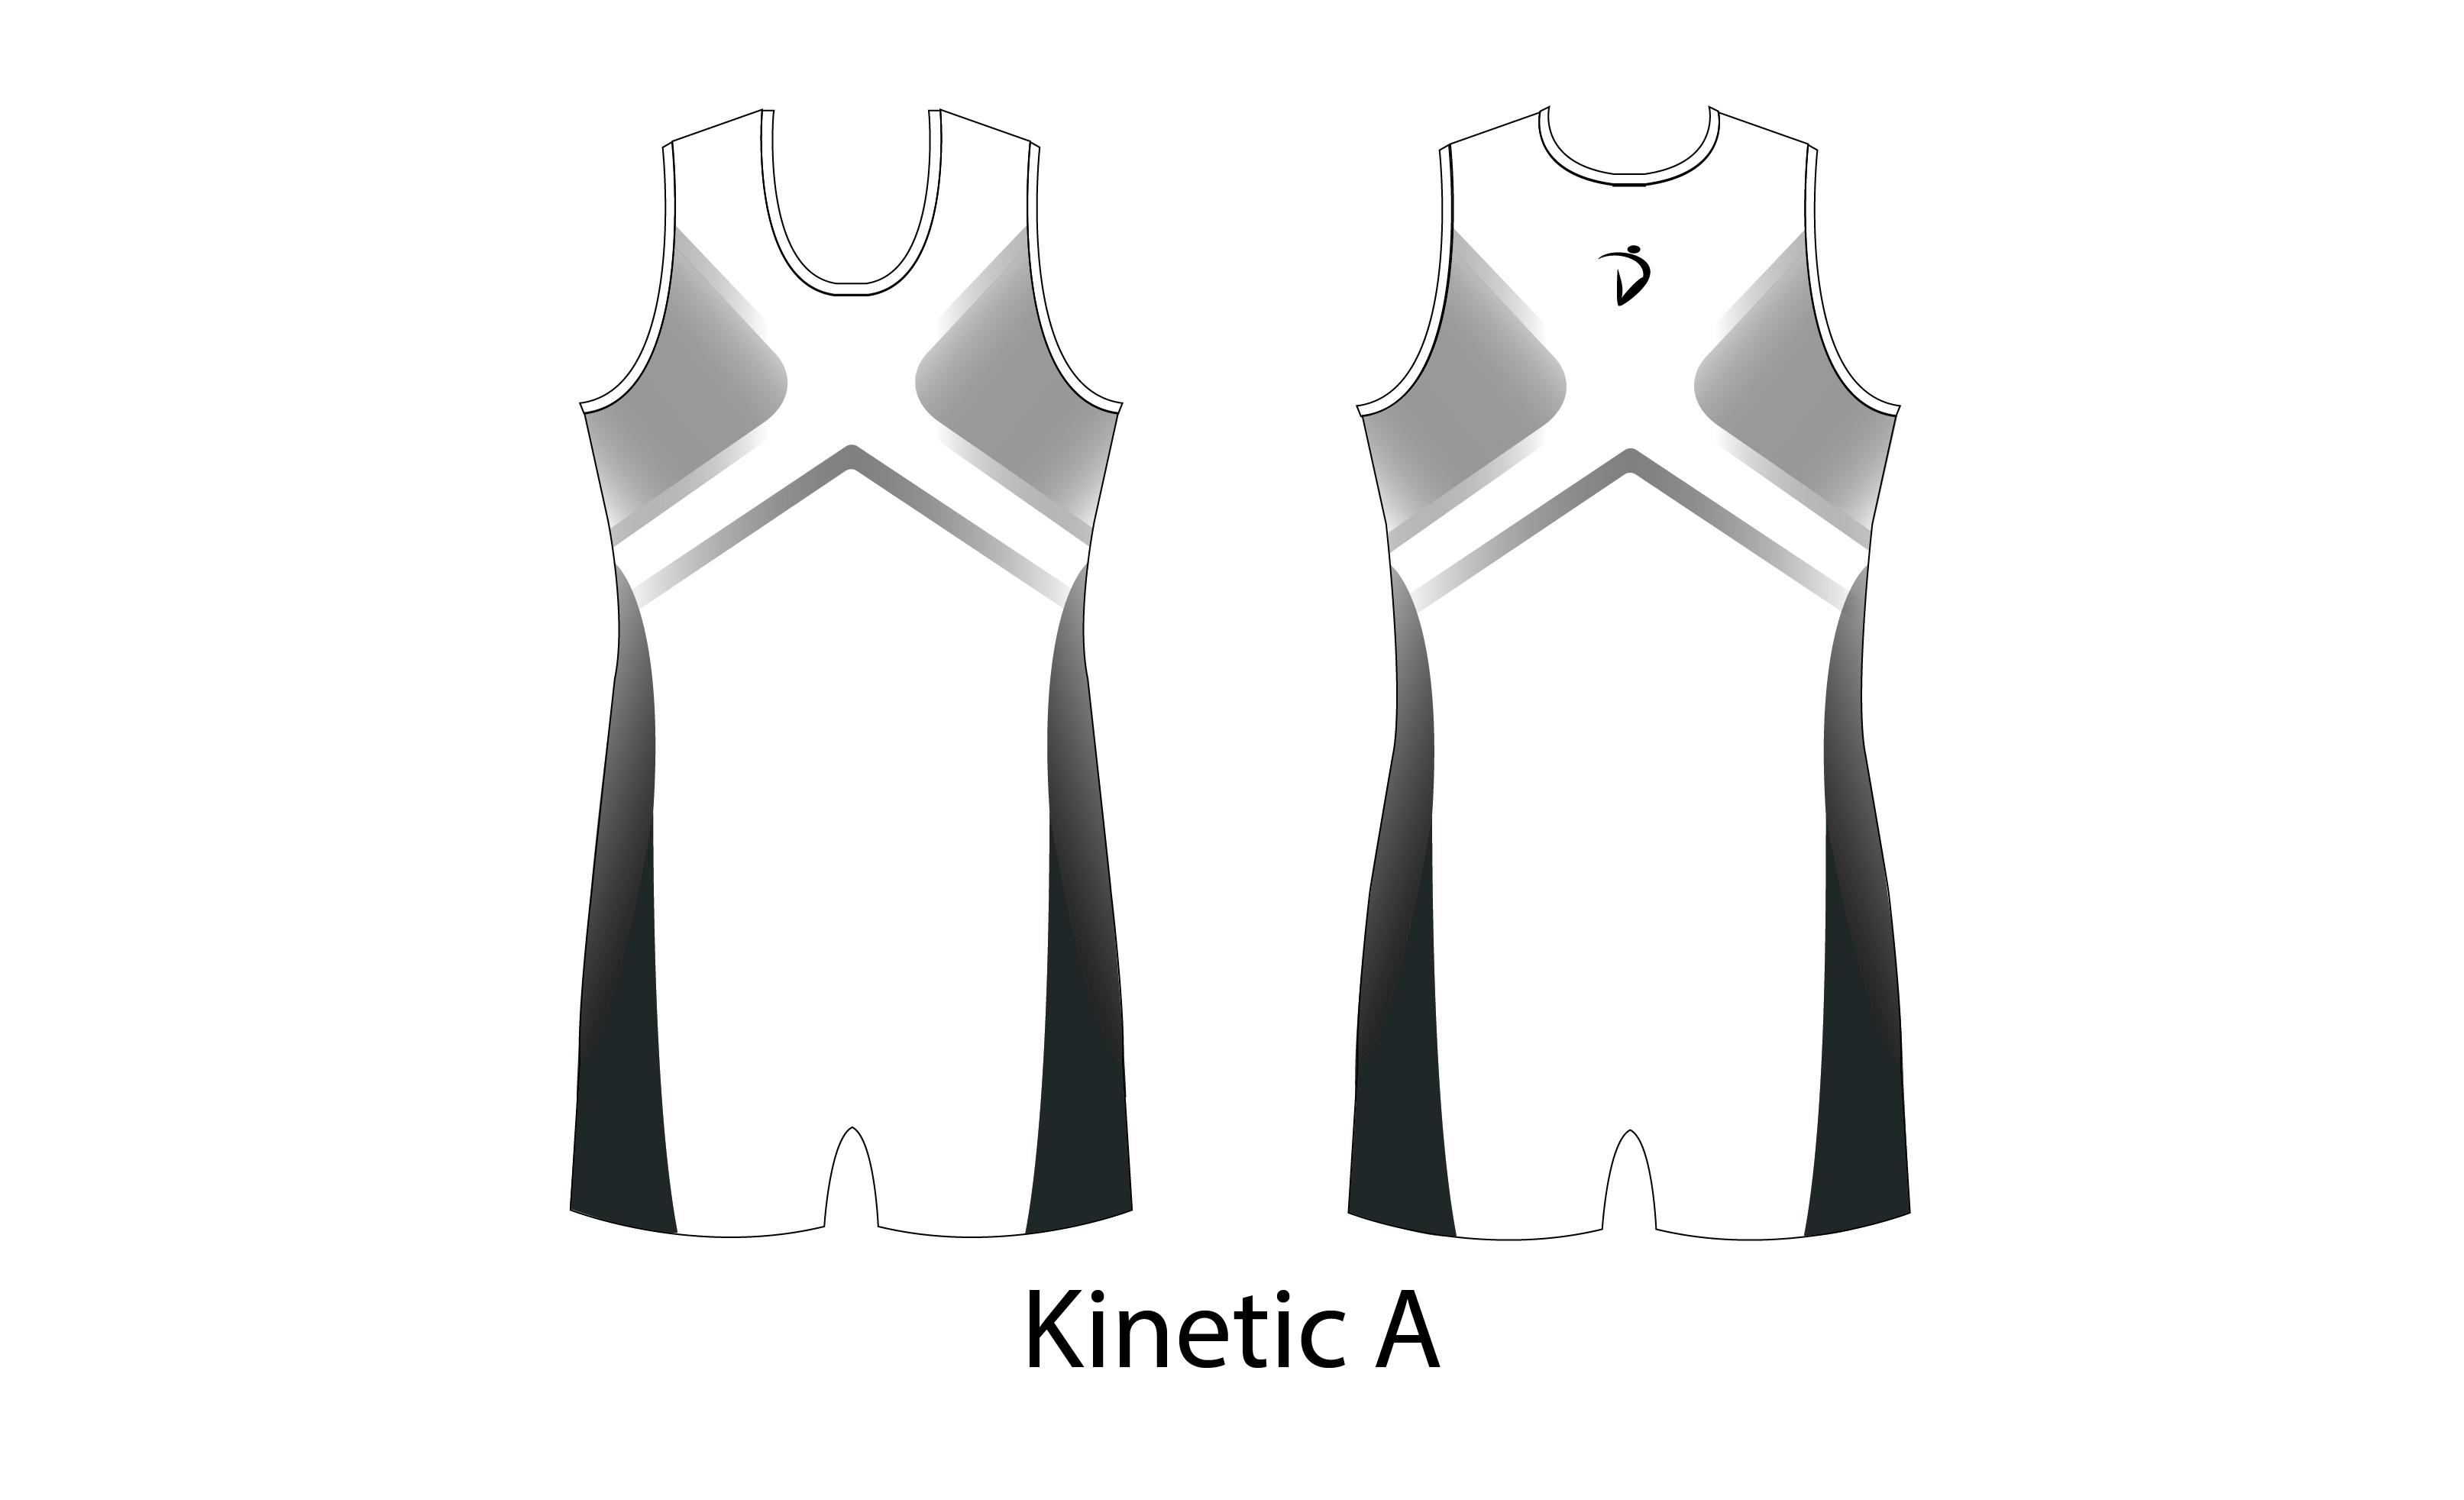 Kinetic A